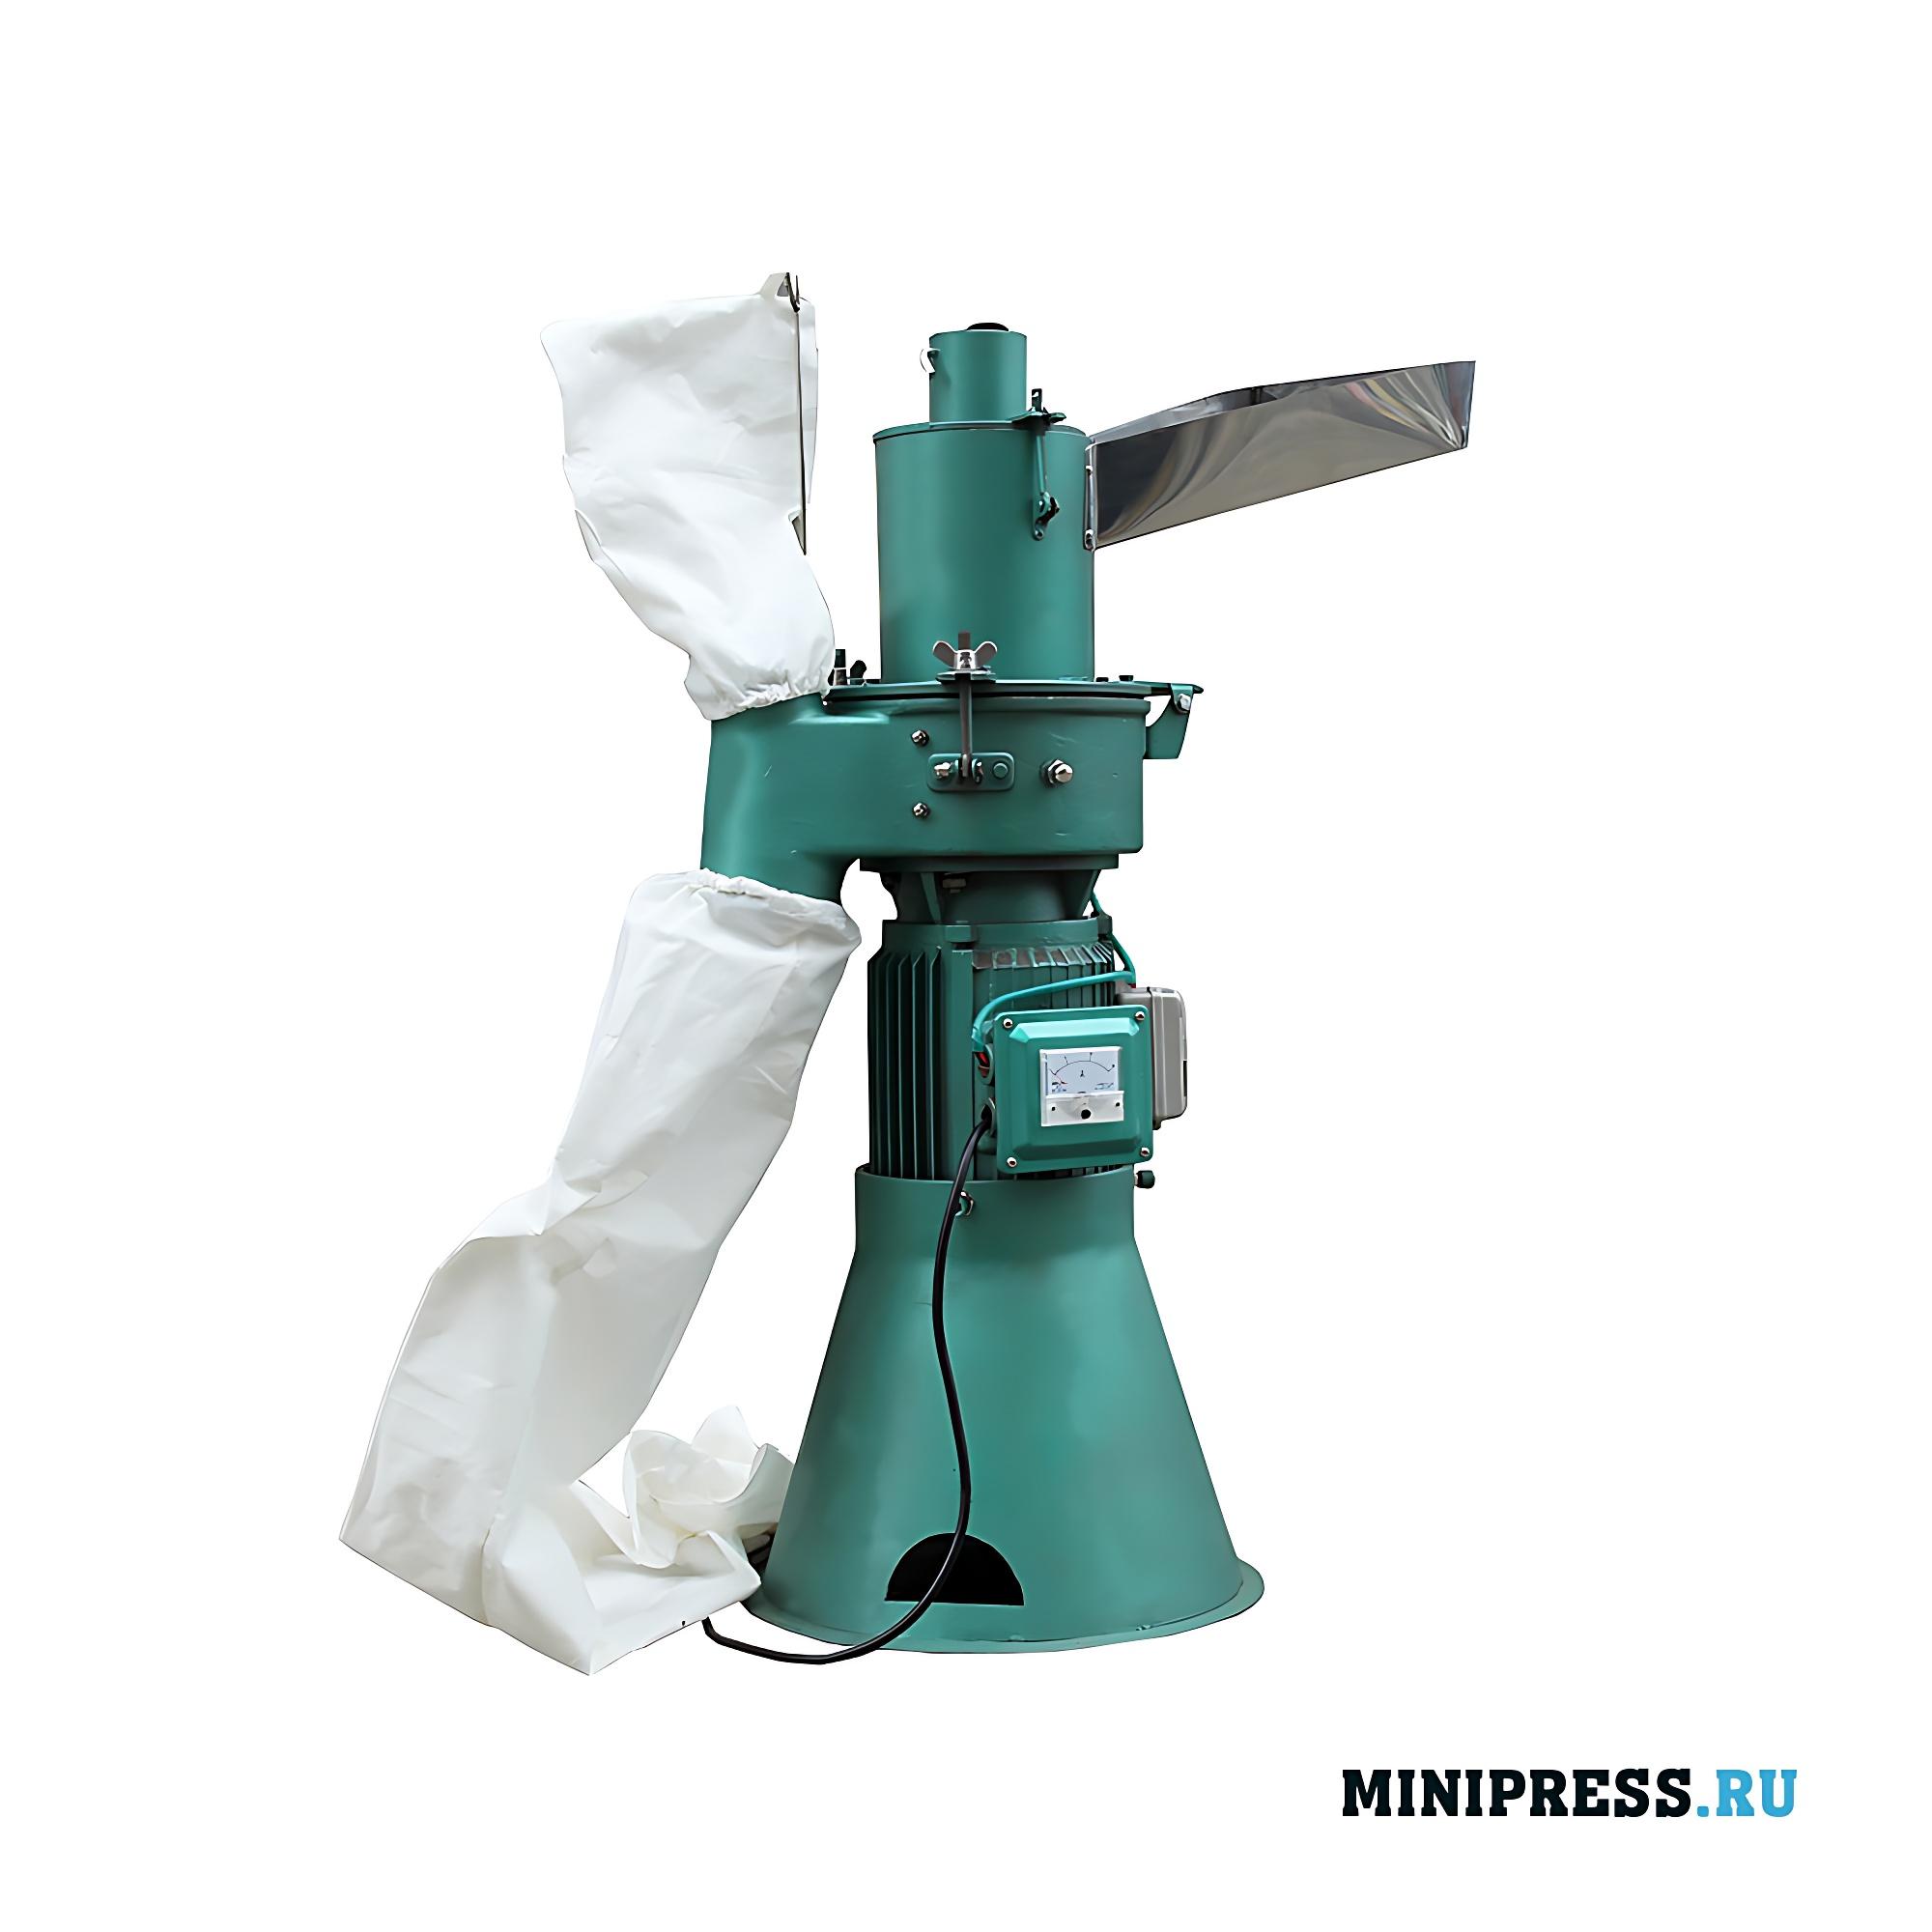 Оборудование для измельчения сырья в порошок в мельницах и измельчителях